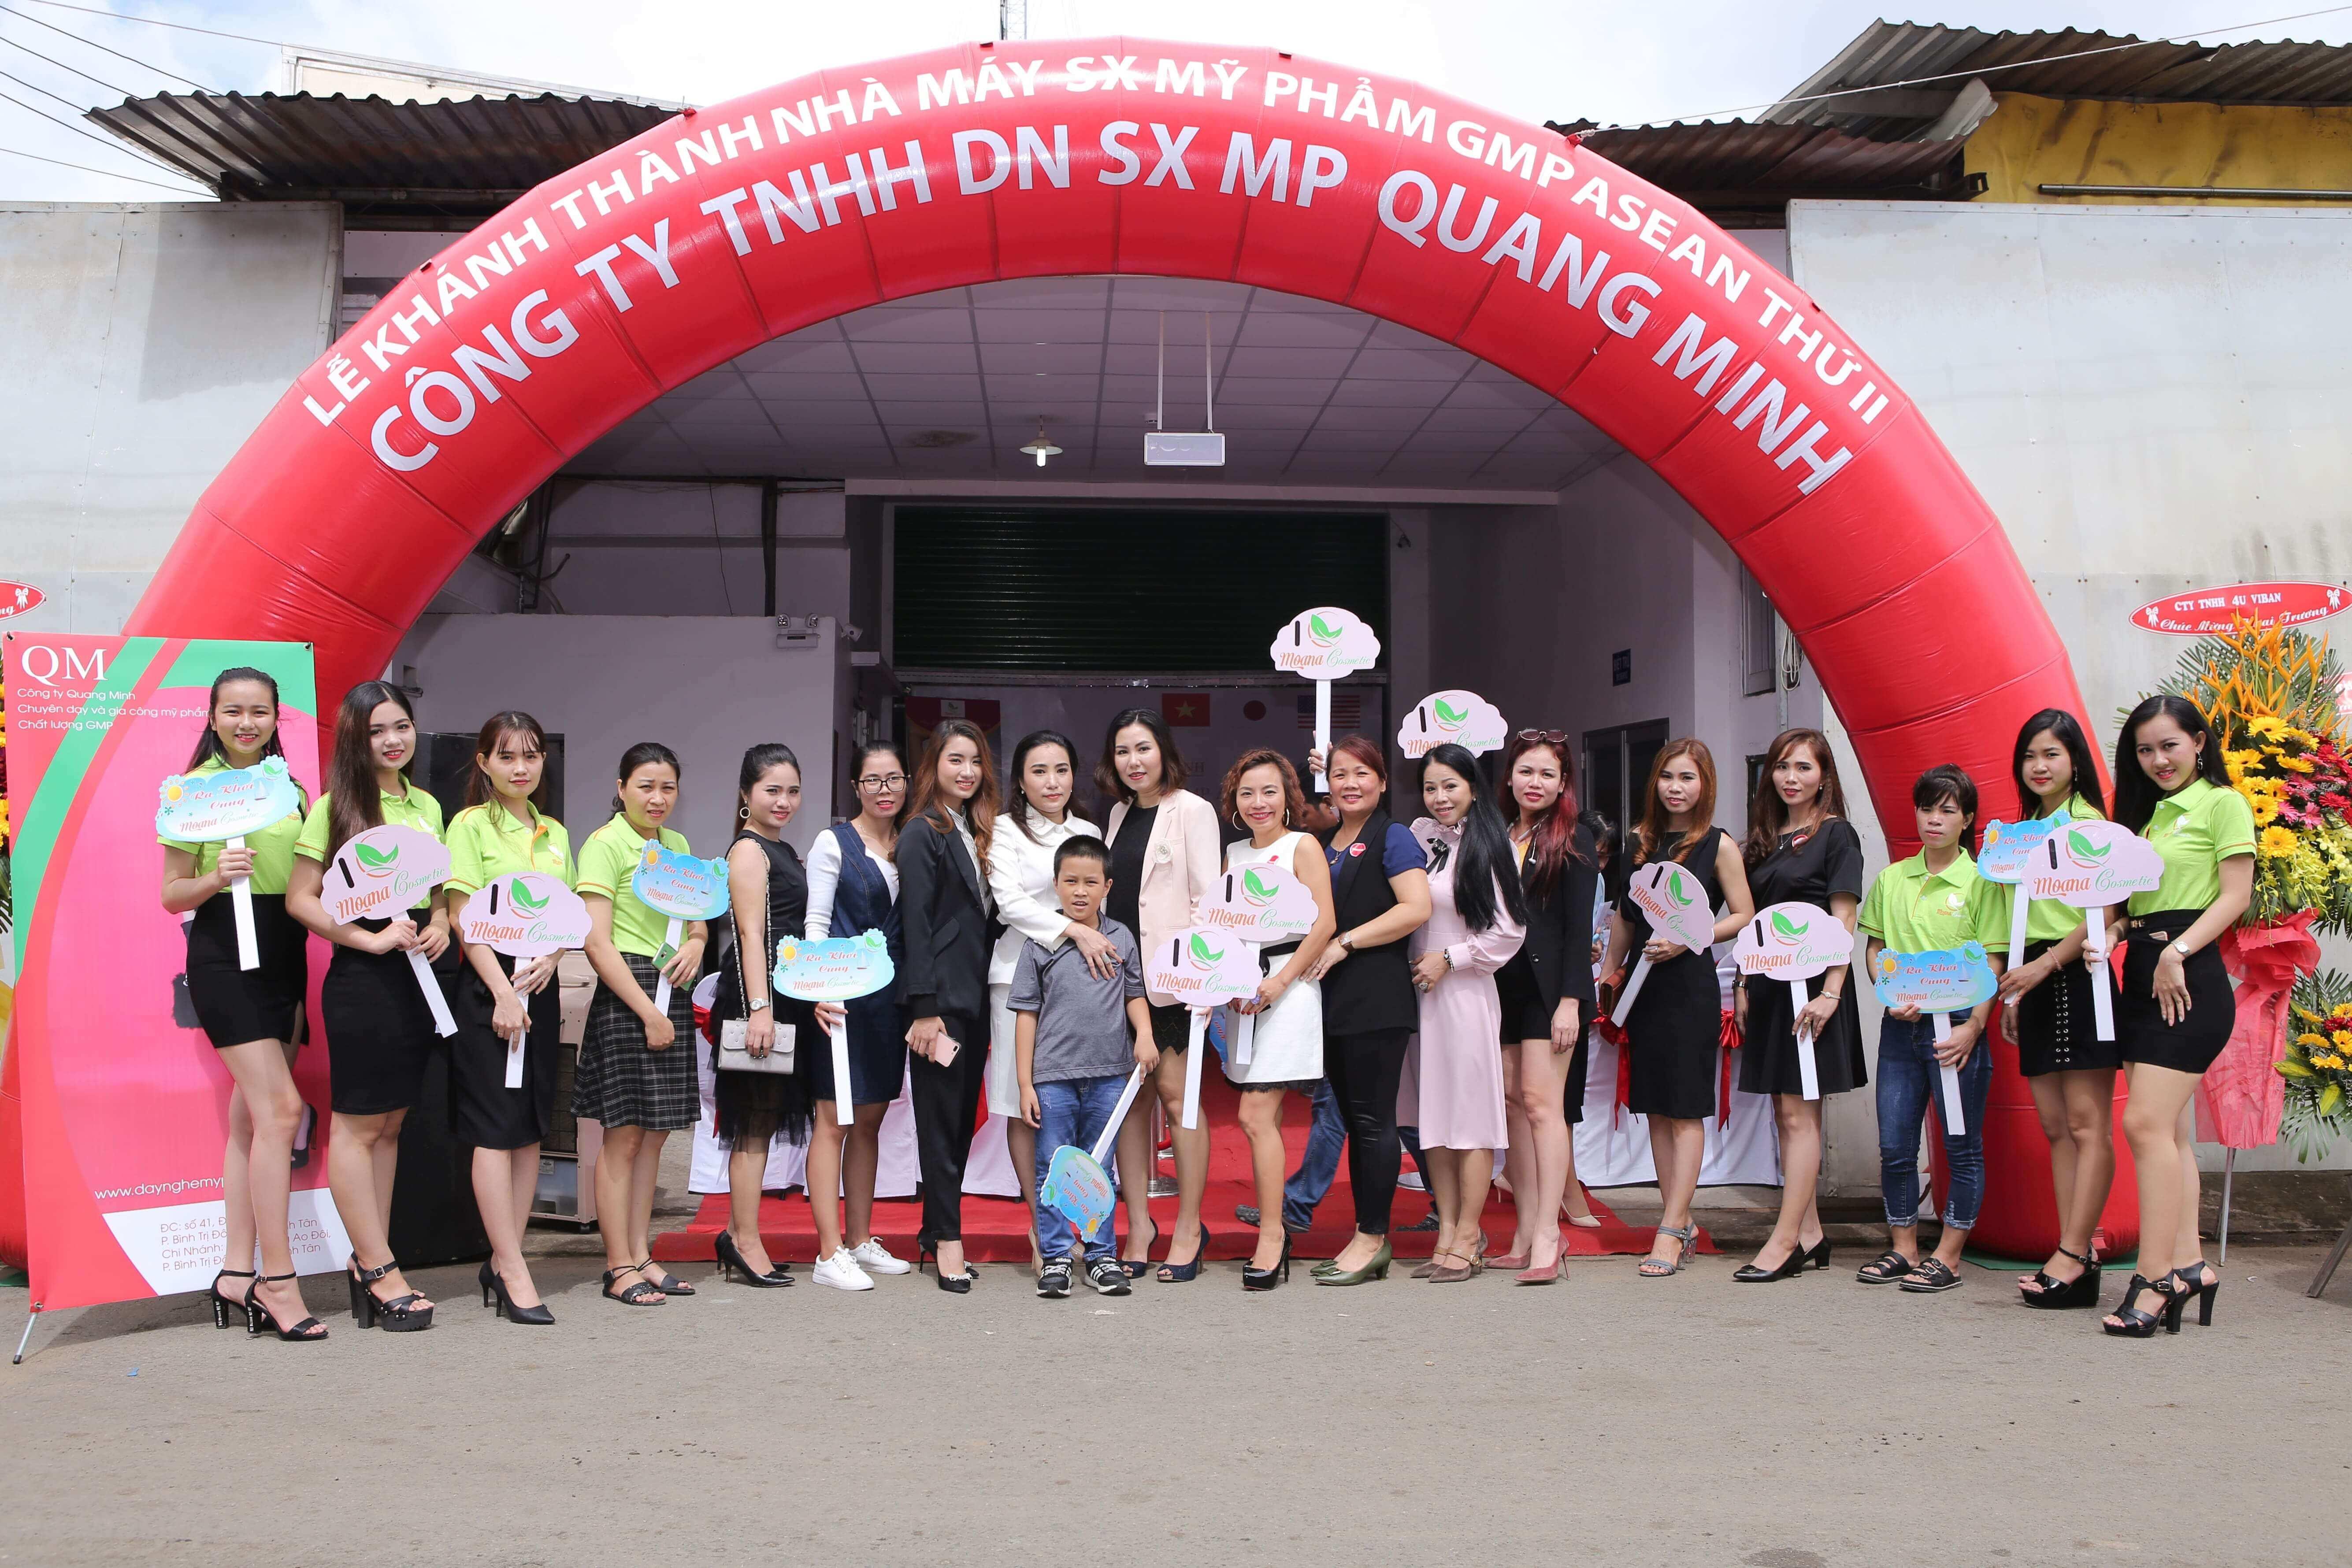 Quang Minh Cosmetic khánh thành nhà xưởng sản xuất thứ 2 qui mô lớn